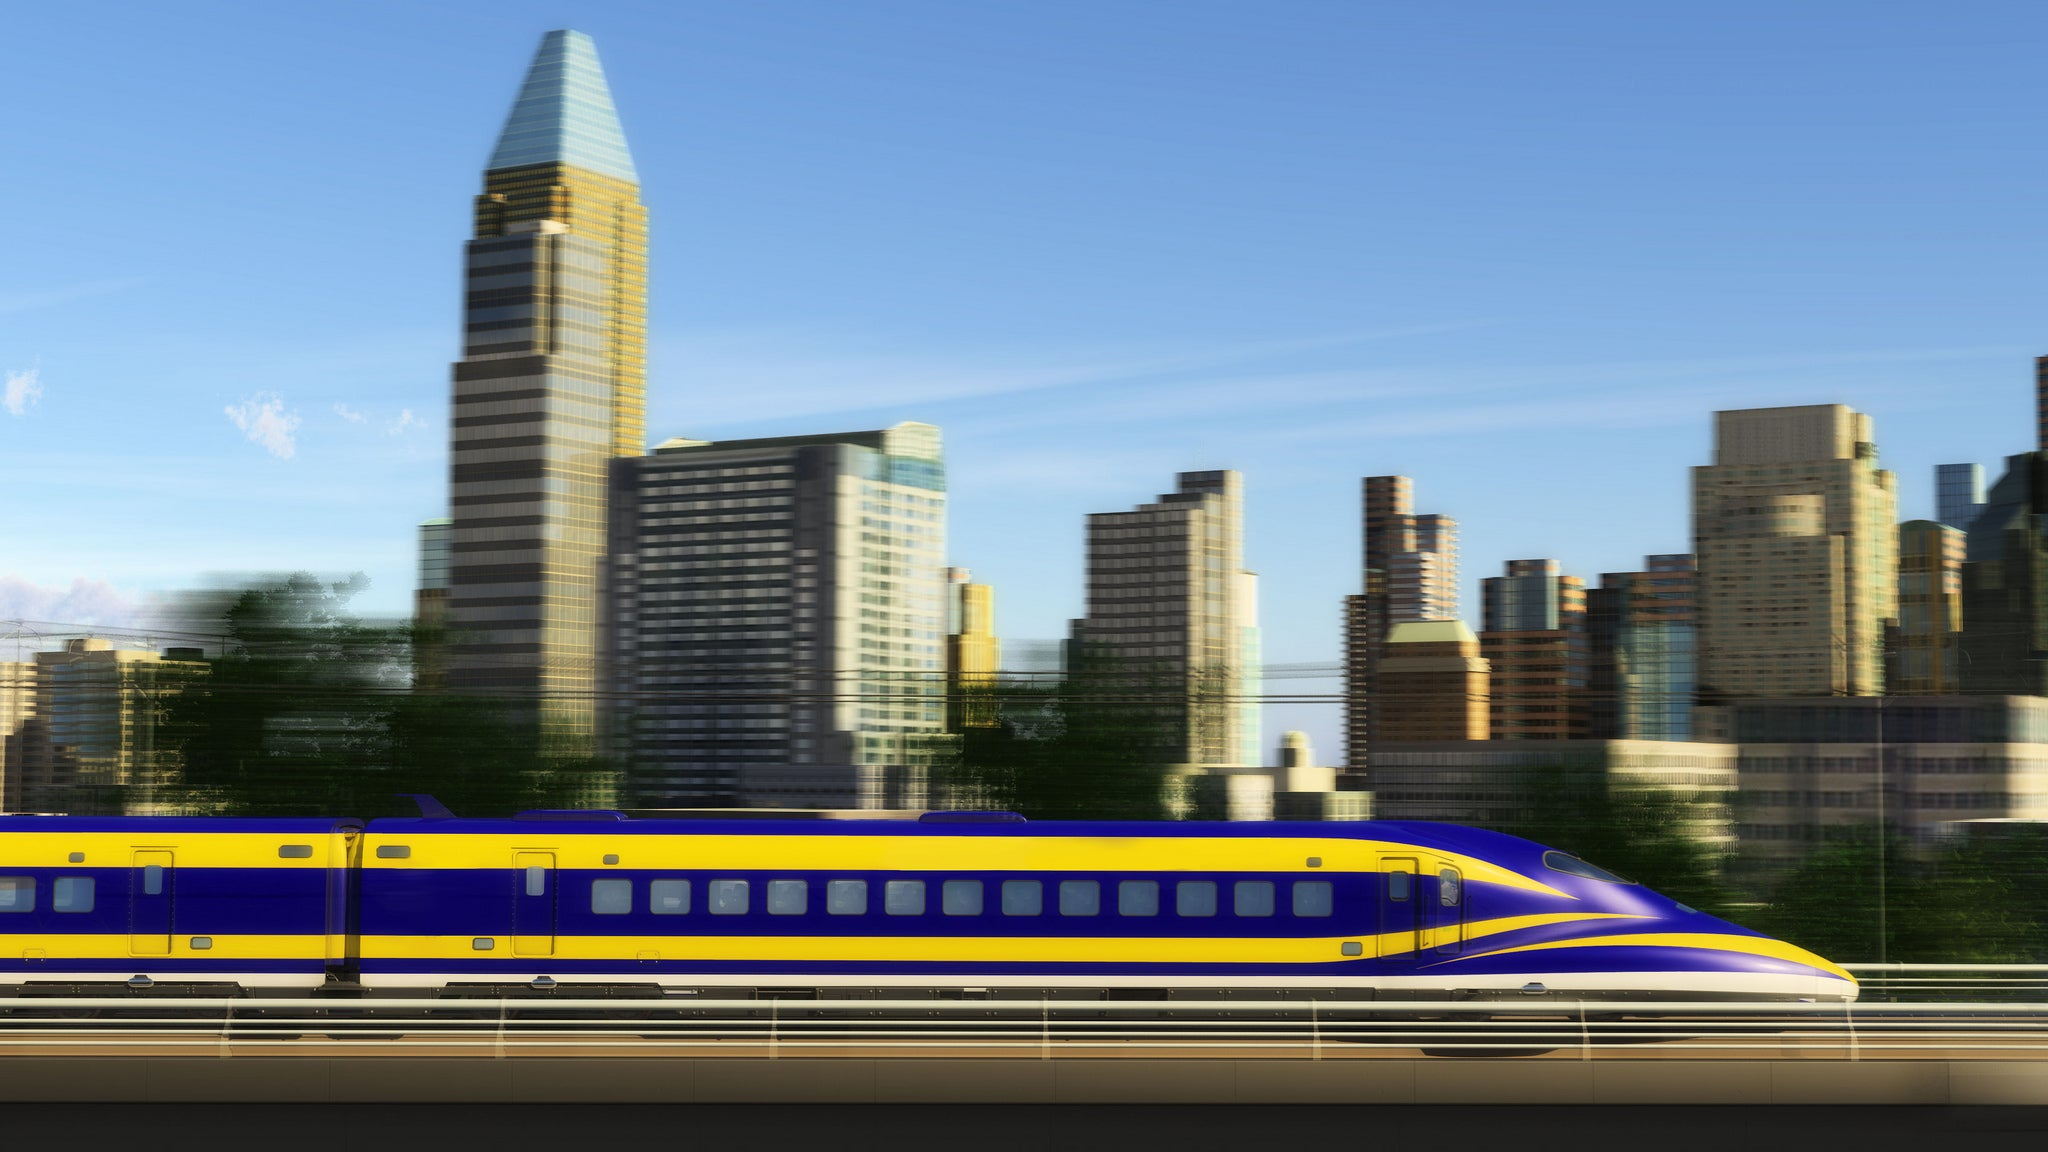 California's Bullet Train Gets Delayed, Leaves Door Wide Open for Hyperloop